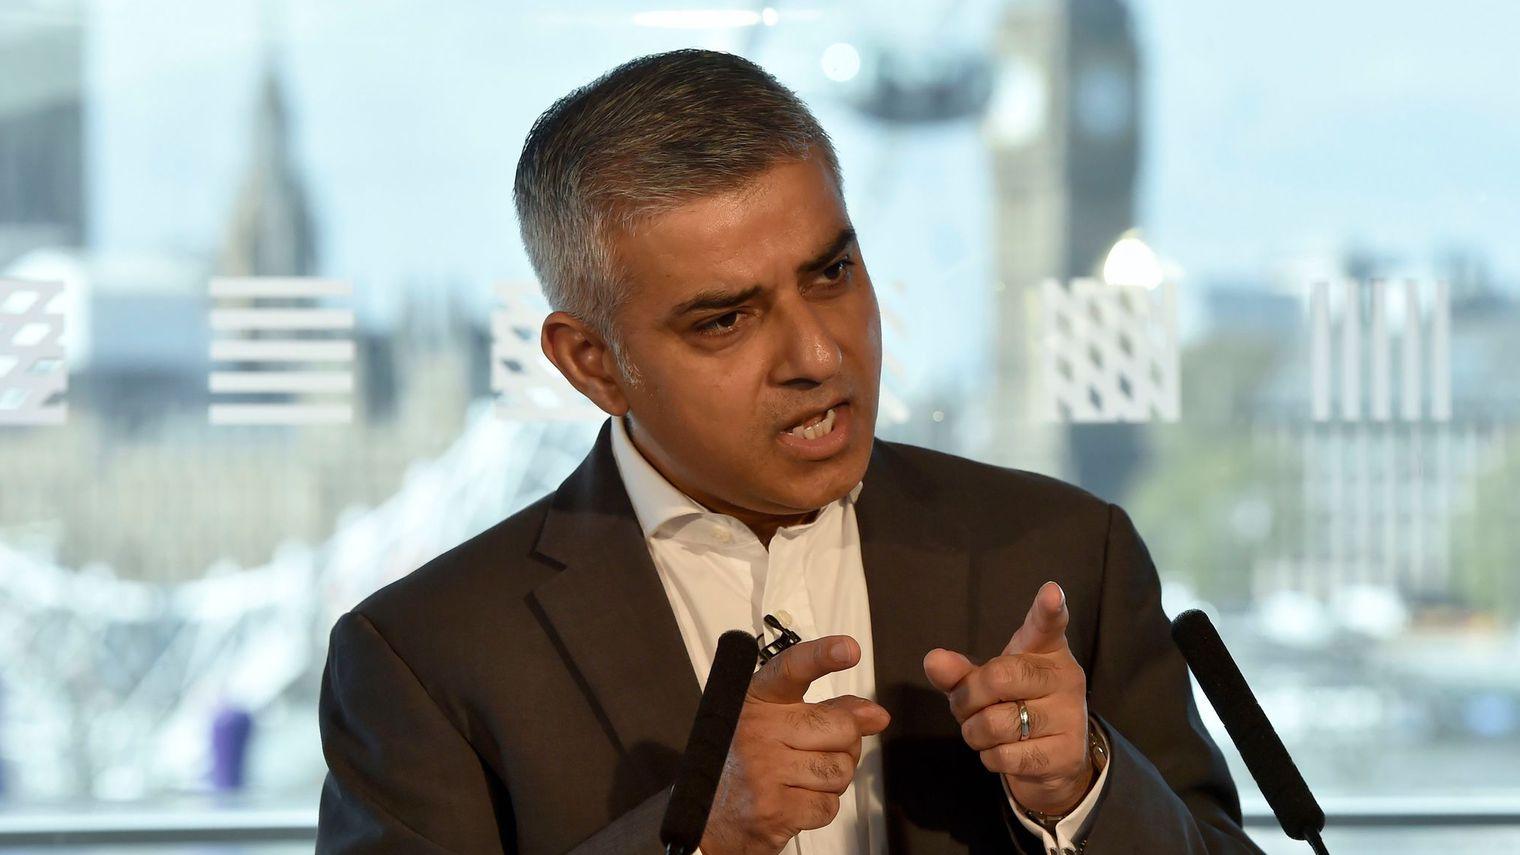 LONDRES : Sadiq Khan pourrait devenir le premier maire musulman d'une capitale européenne